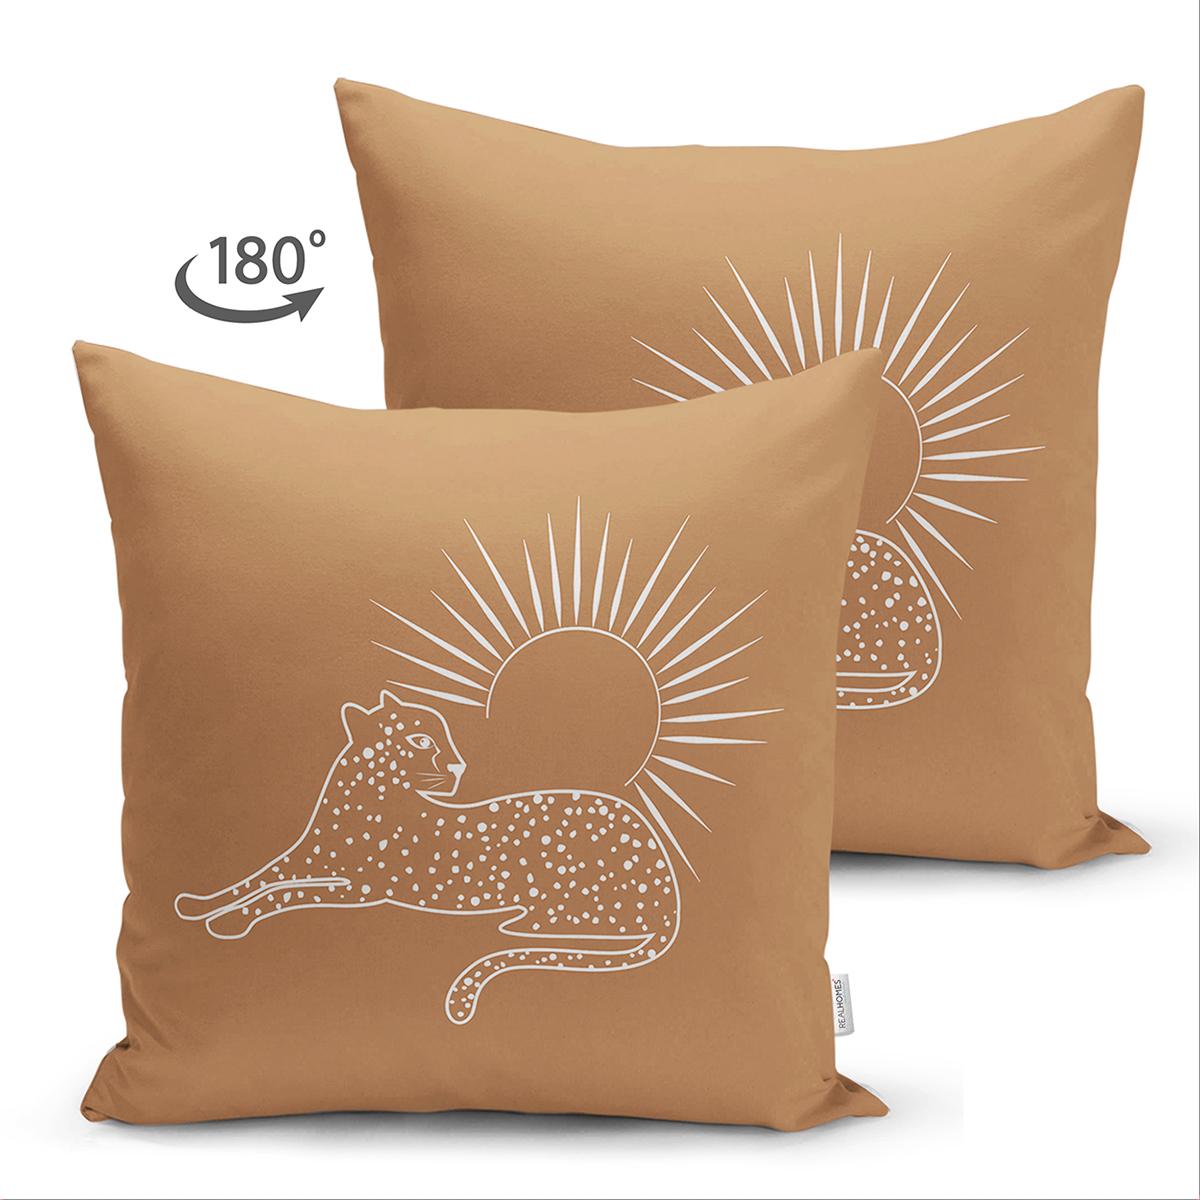 Çift Taraflı Pastel Zemin Üzerinde Onedraw Çizimli Güneş Desenli Süet Yastık Kırlent Kılıfı Realhomes